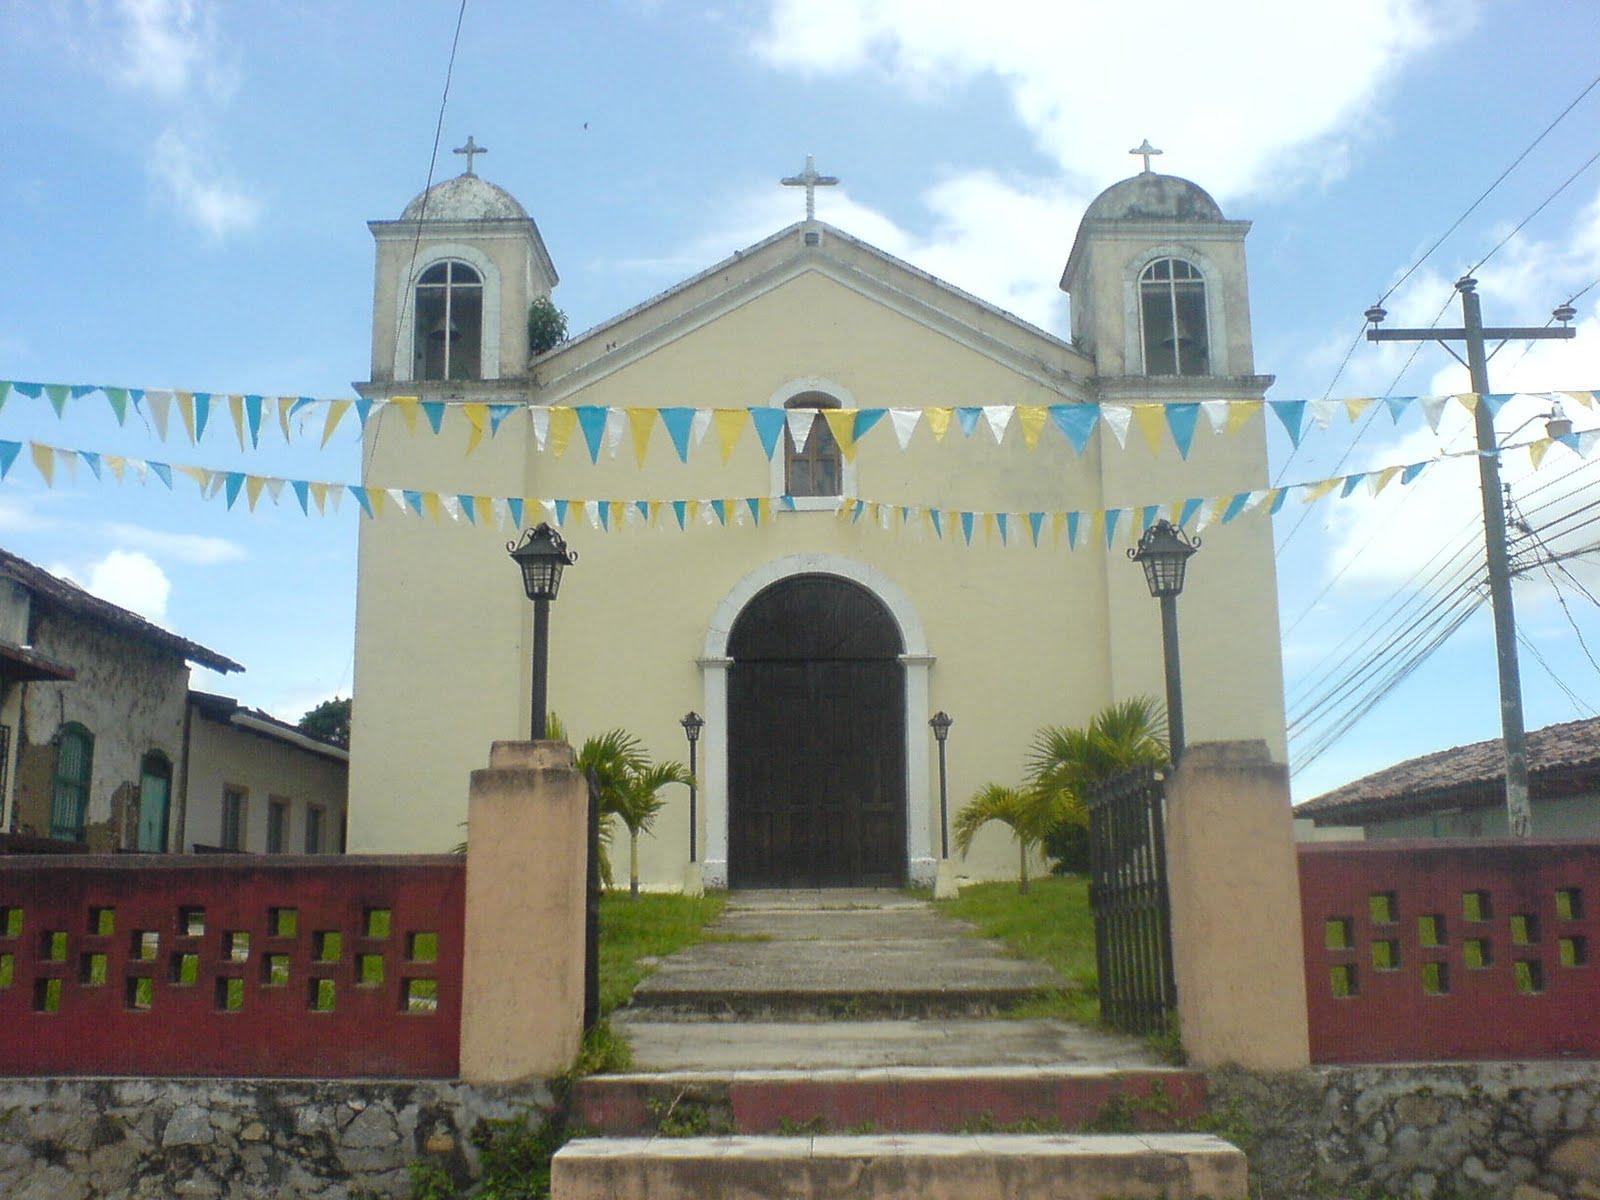 Iglesia Catolica San Antonio,en honor al santo patron de la comunidad.